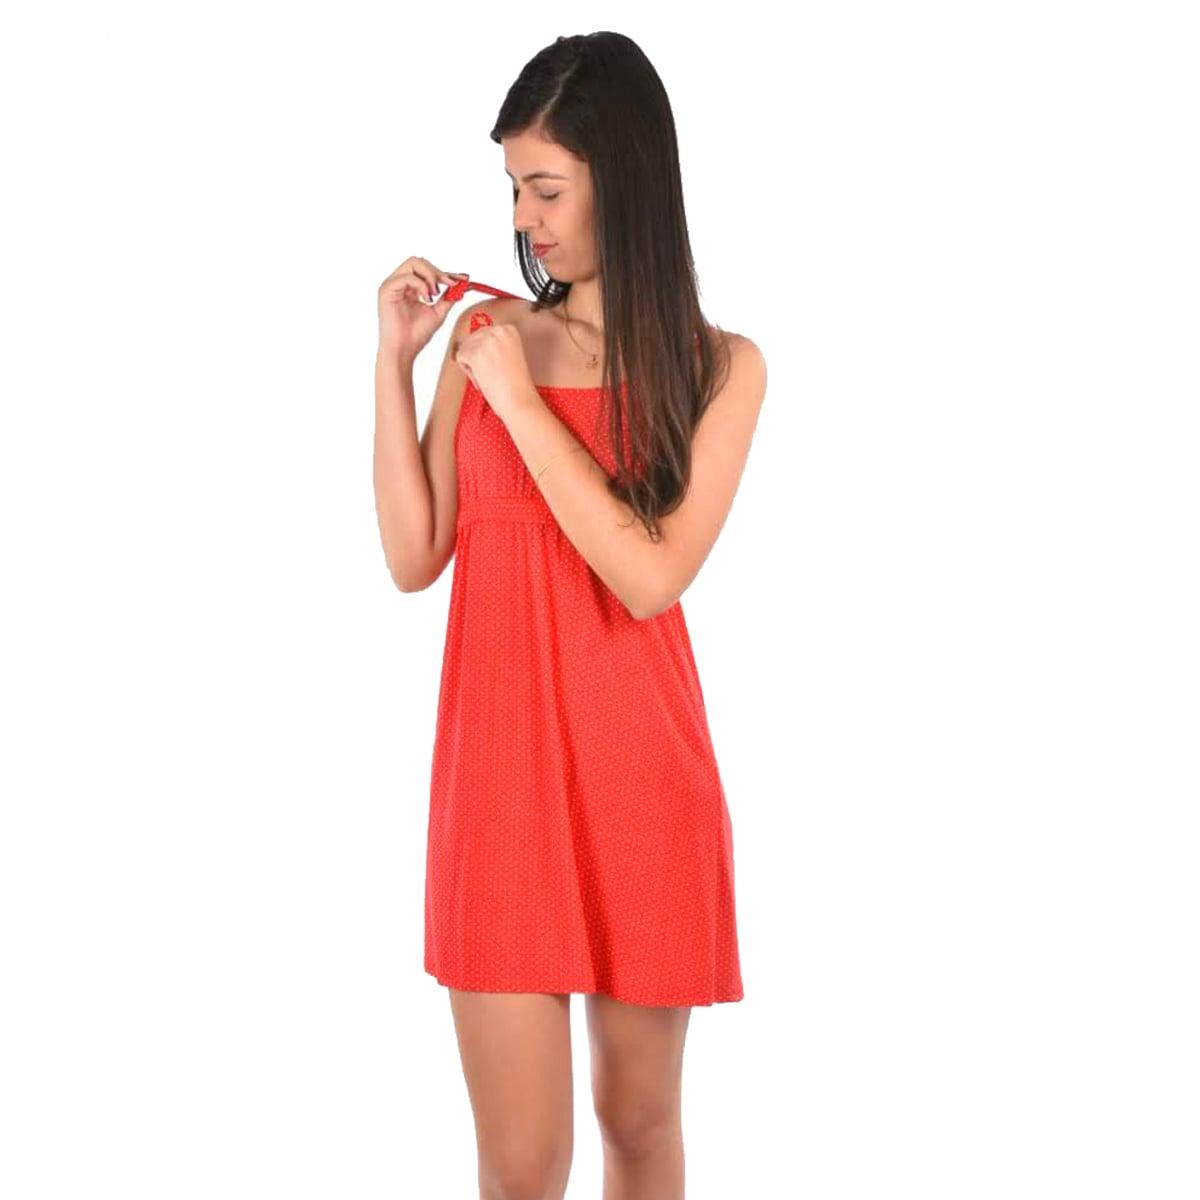 Camisola Amamentação Lactante Pós Parto Liganete Estampado Ref: 6008